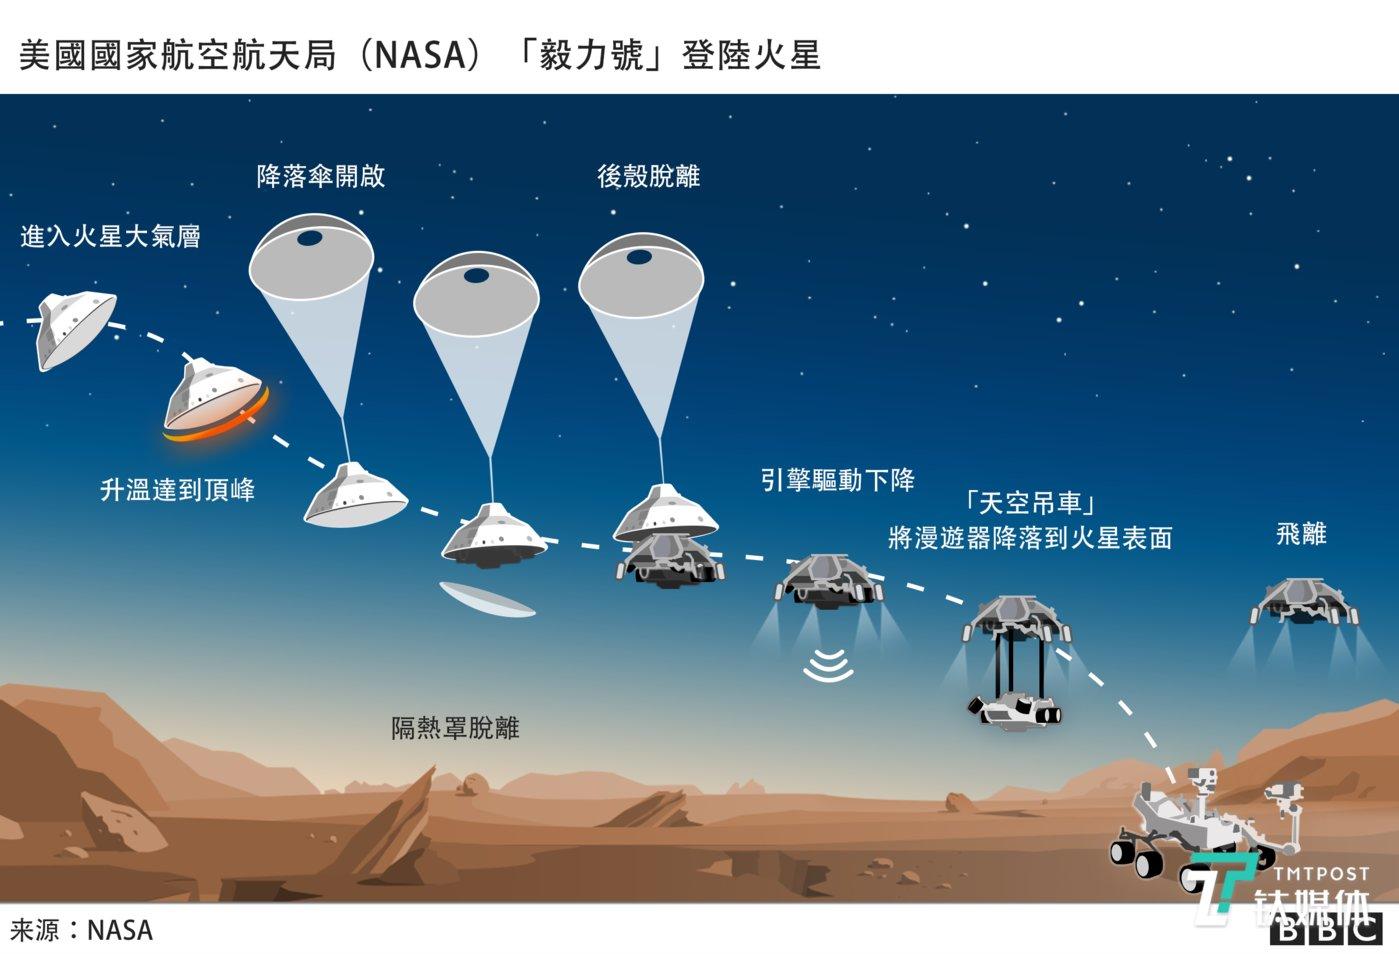 (图片来源:BBC中文)